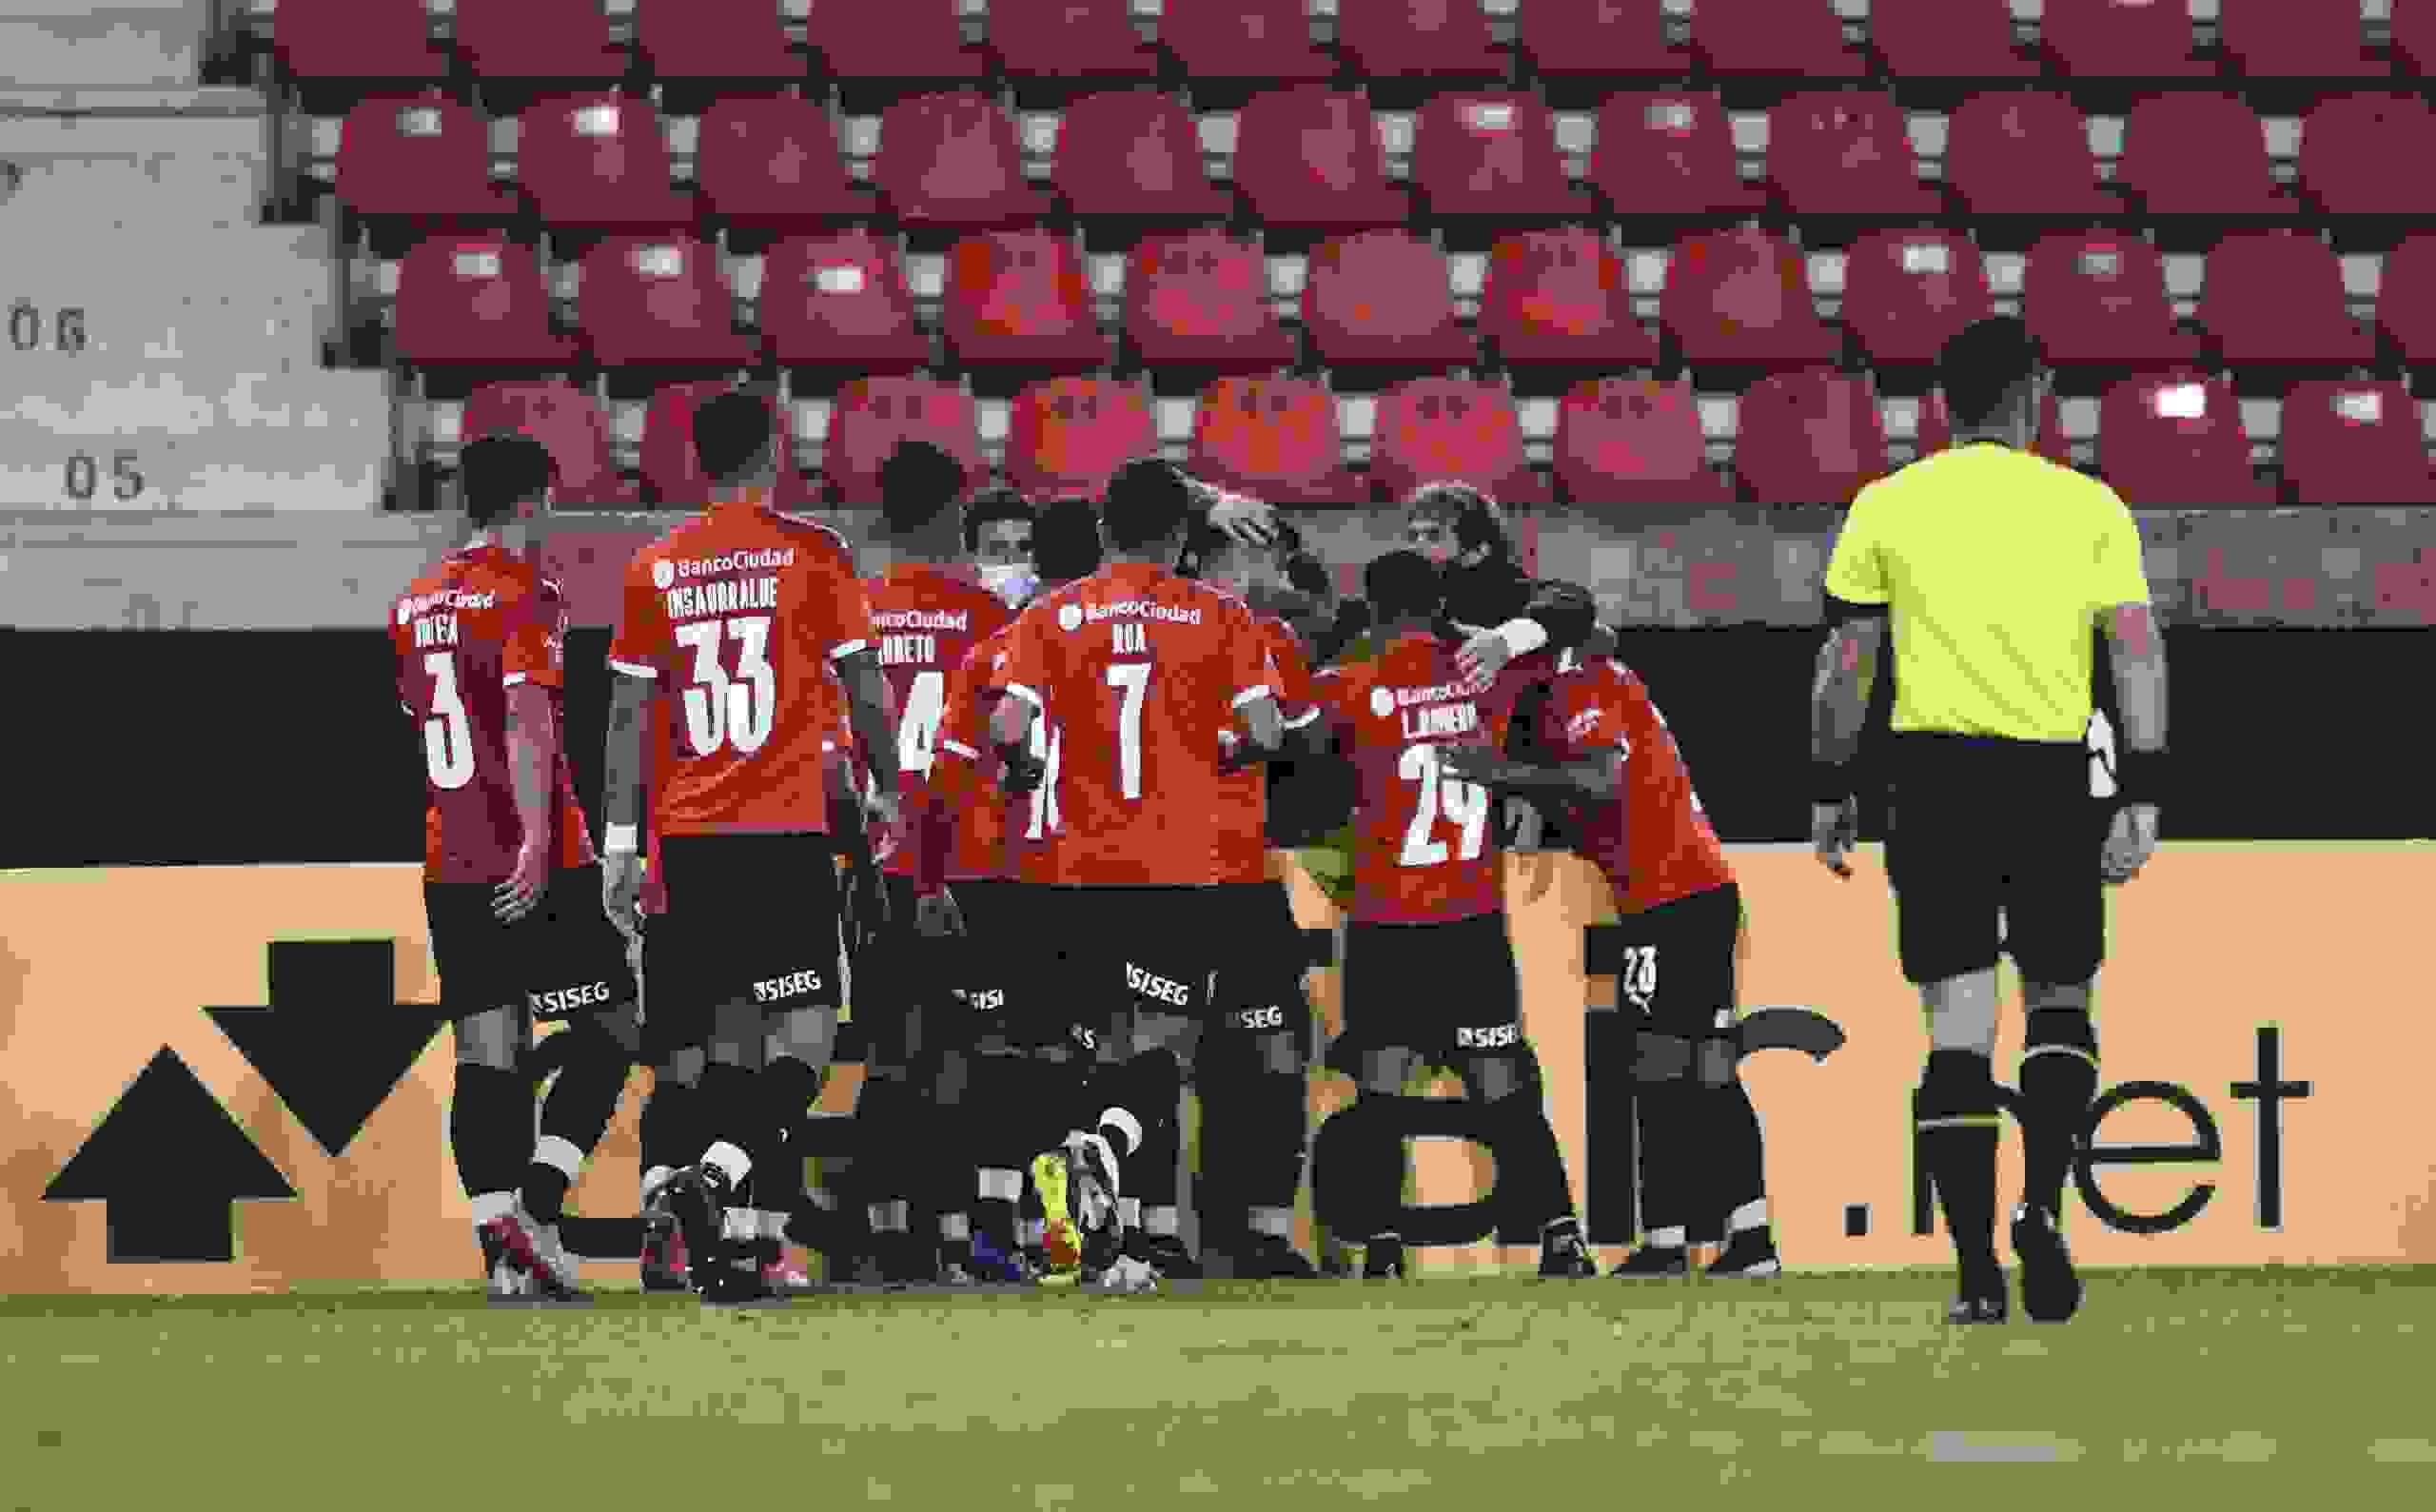 El futbolista de Independiente que terminó el partido con una molestia